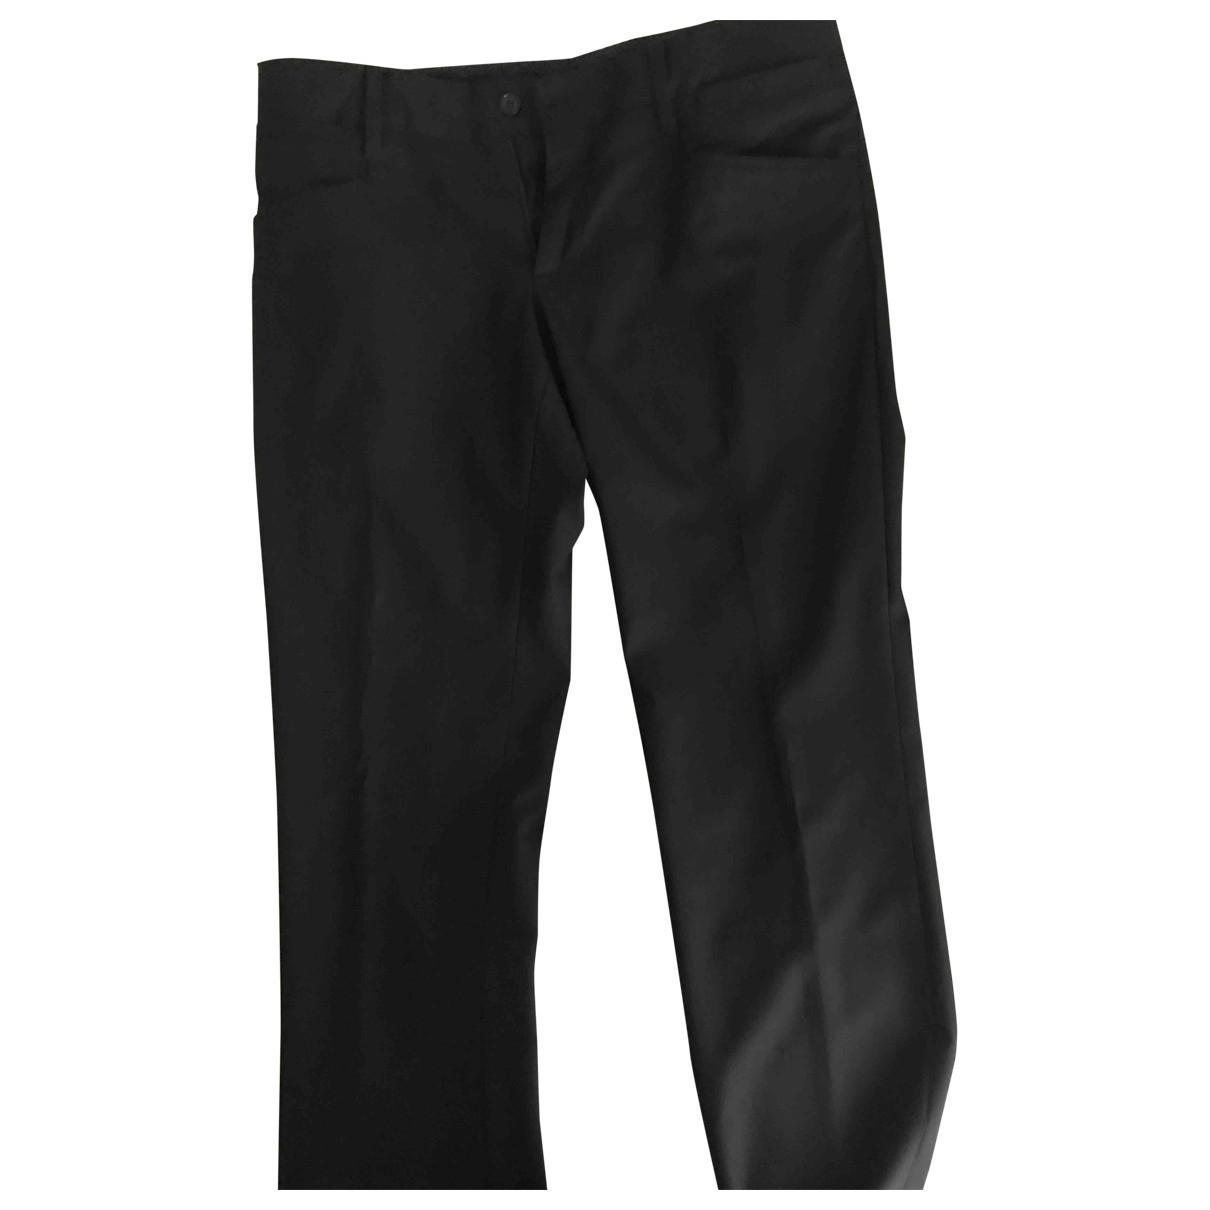 Dolce & Gabbana \N Black Trousers for Men M International